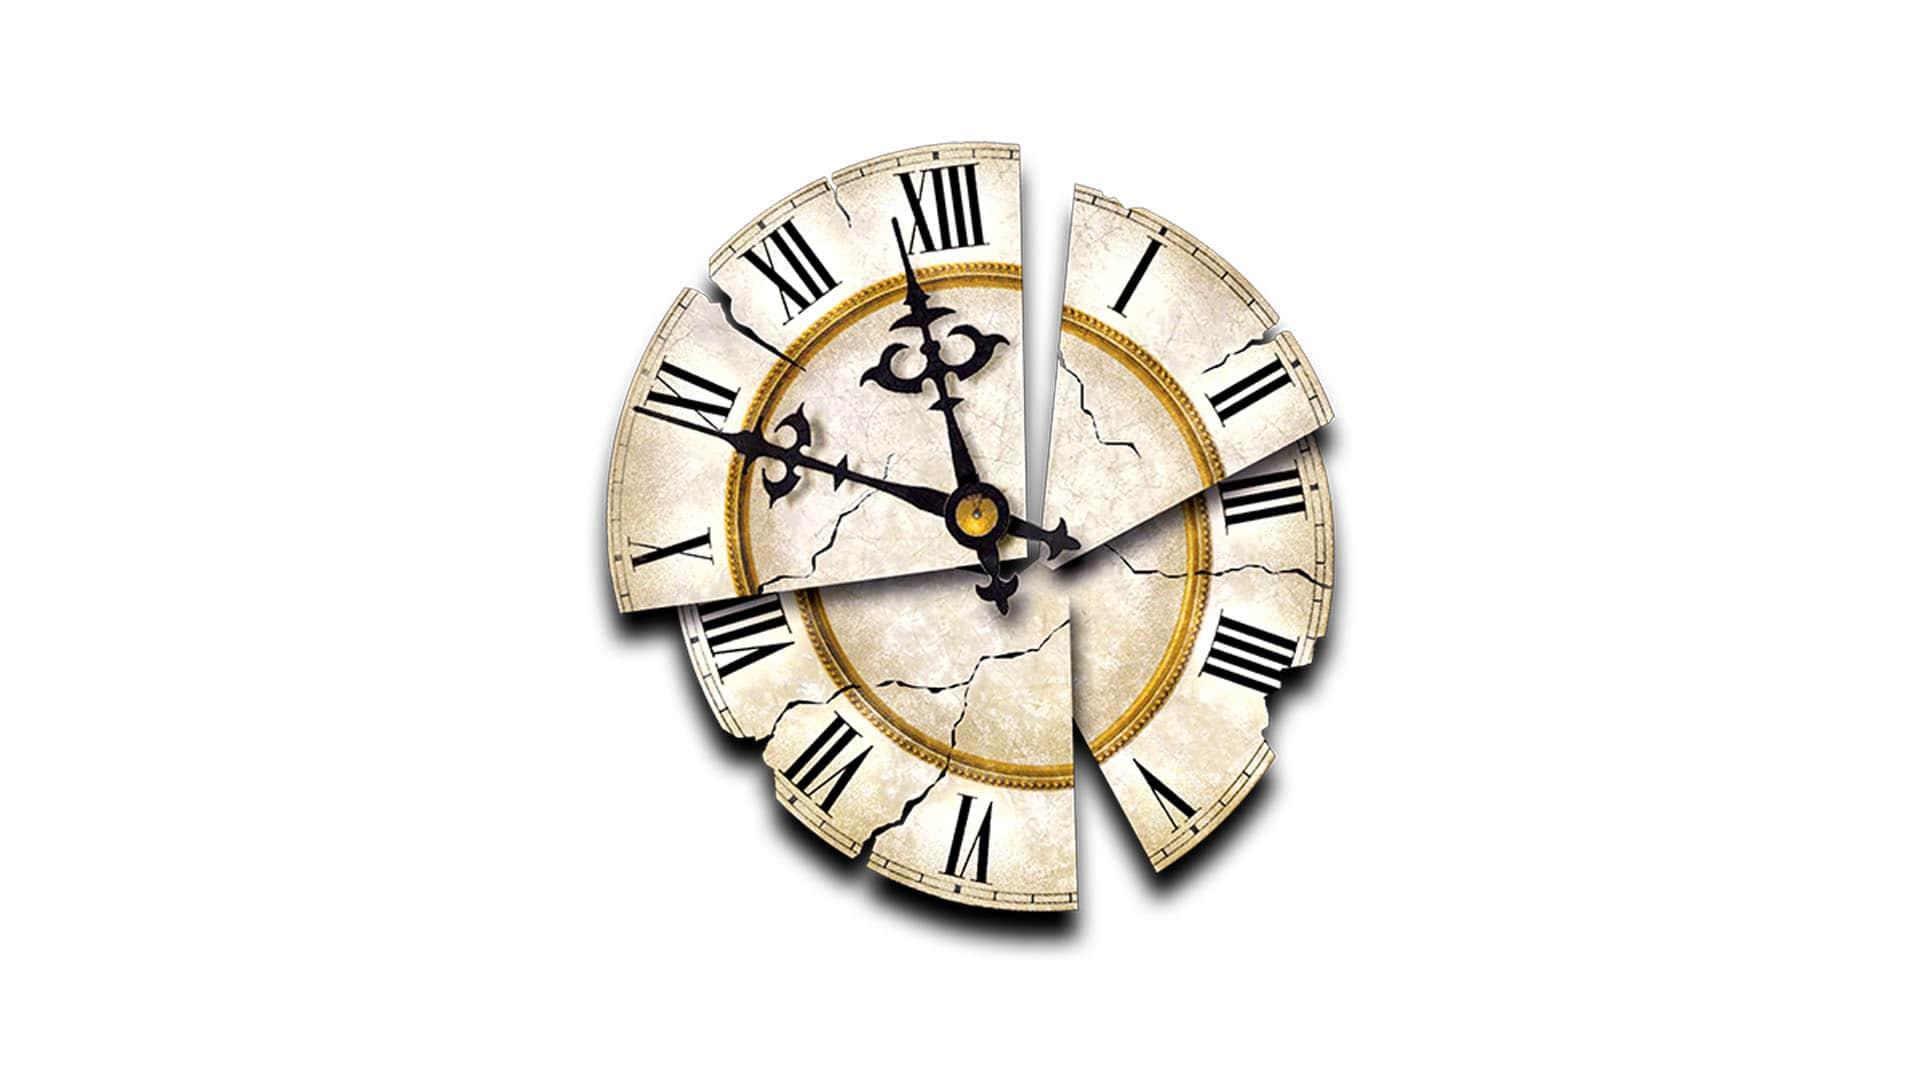 30.12.1899 де-юре, и другие путешествия во времени.